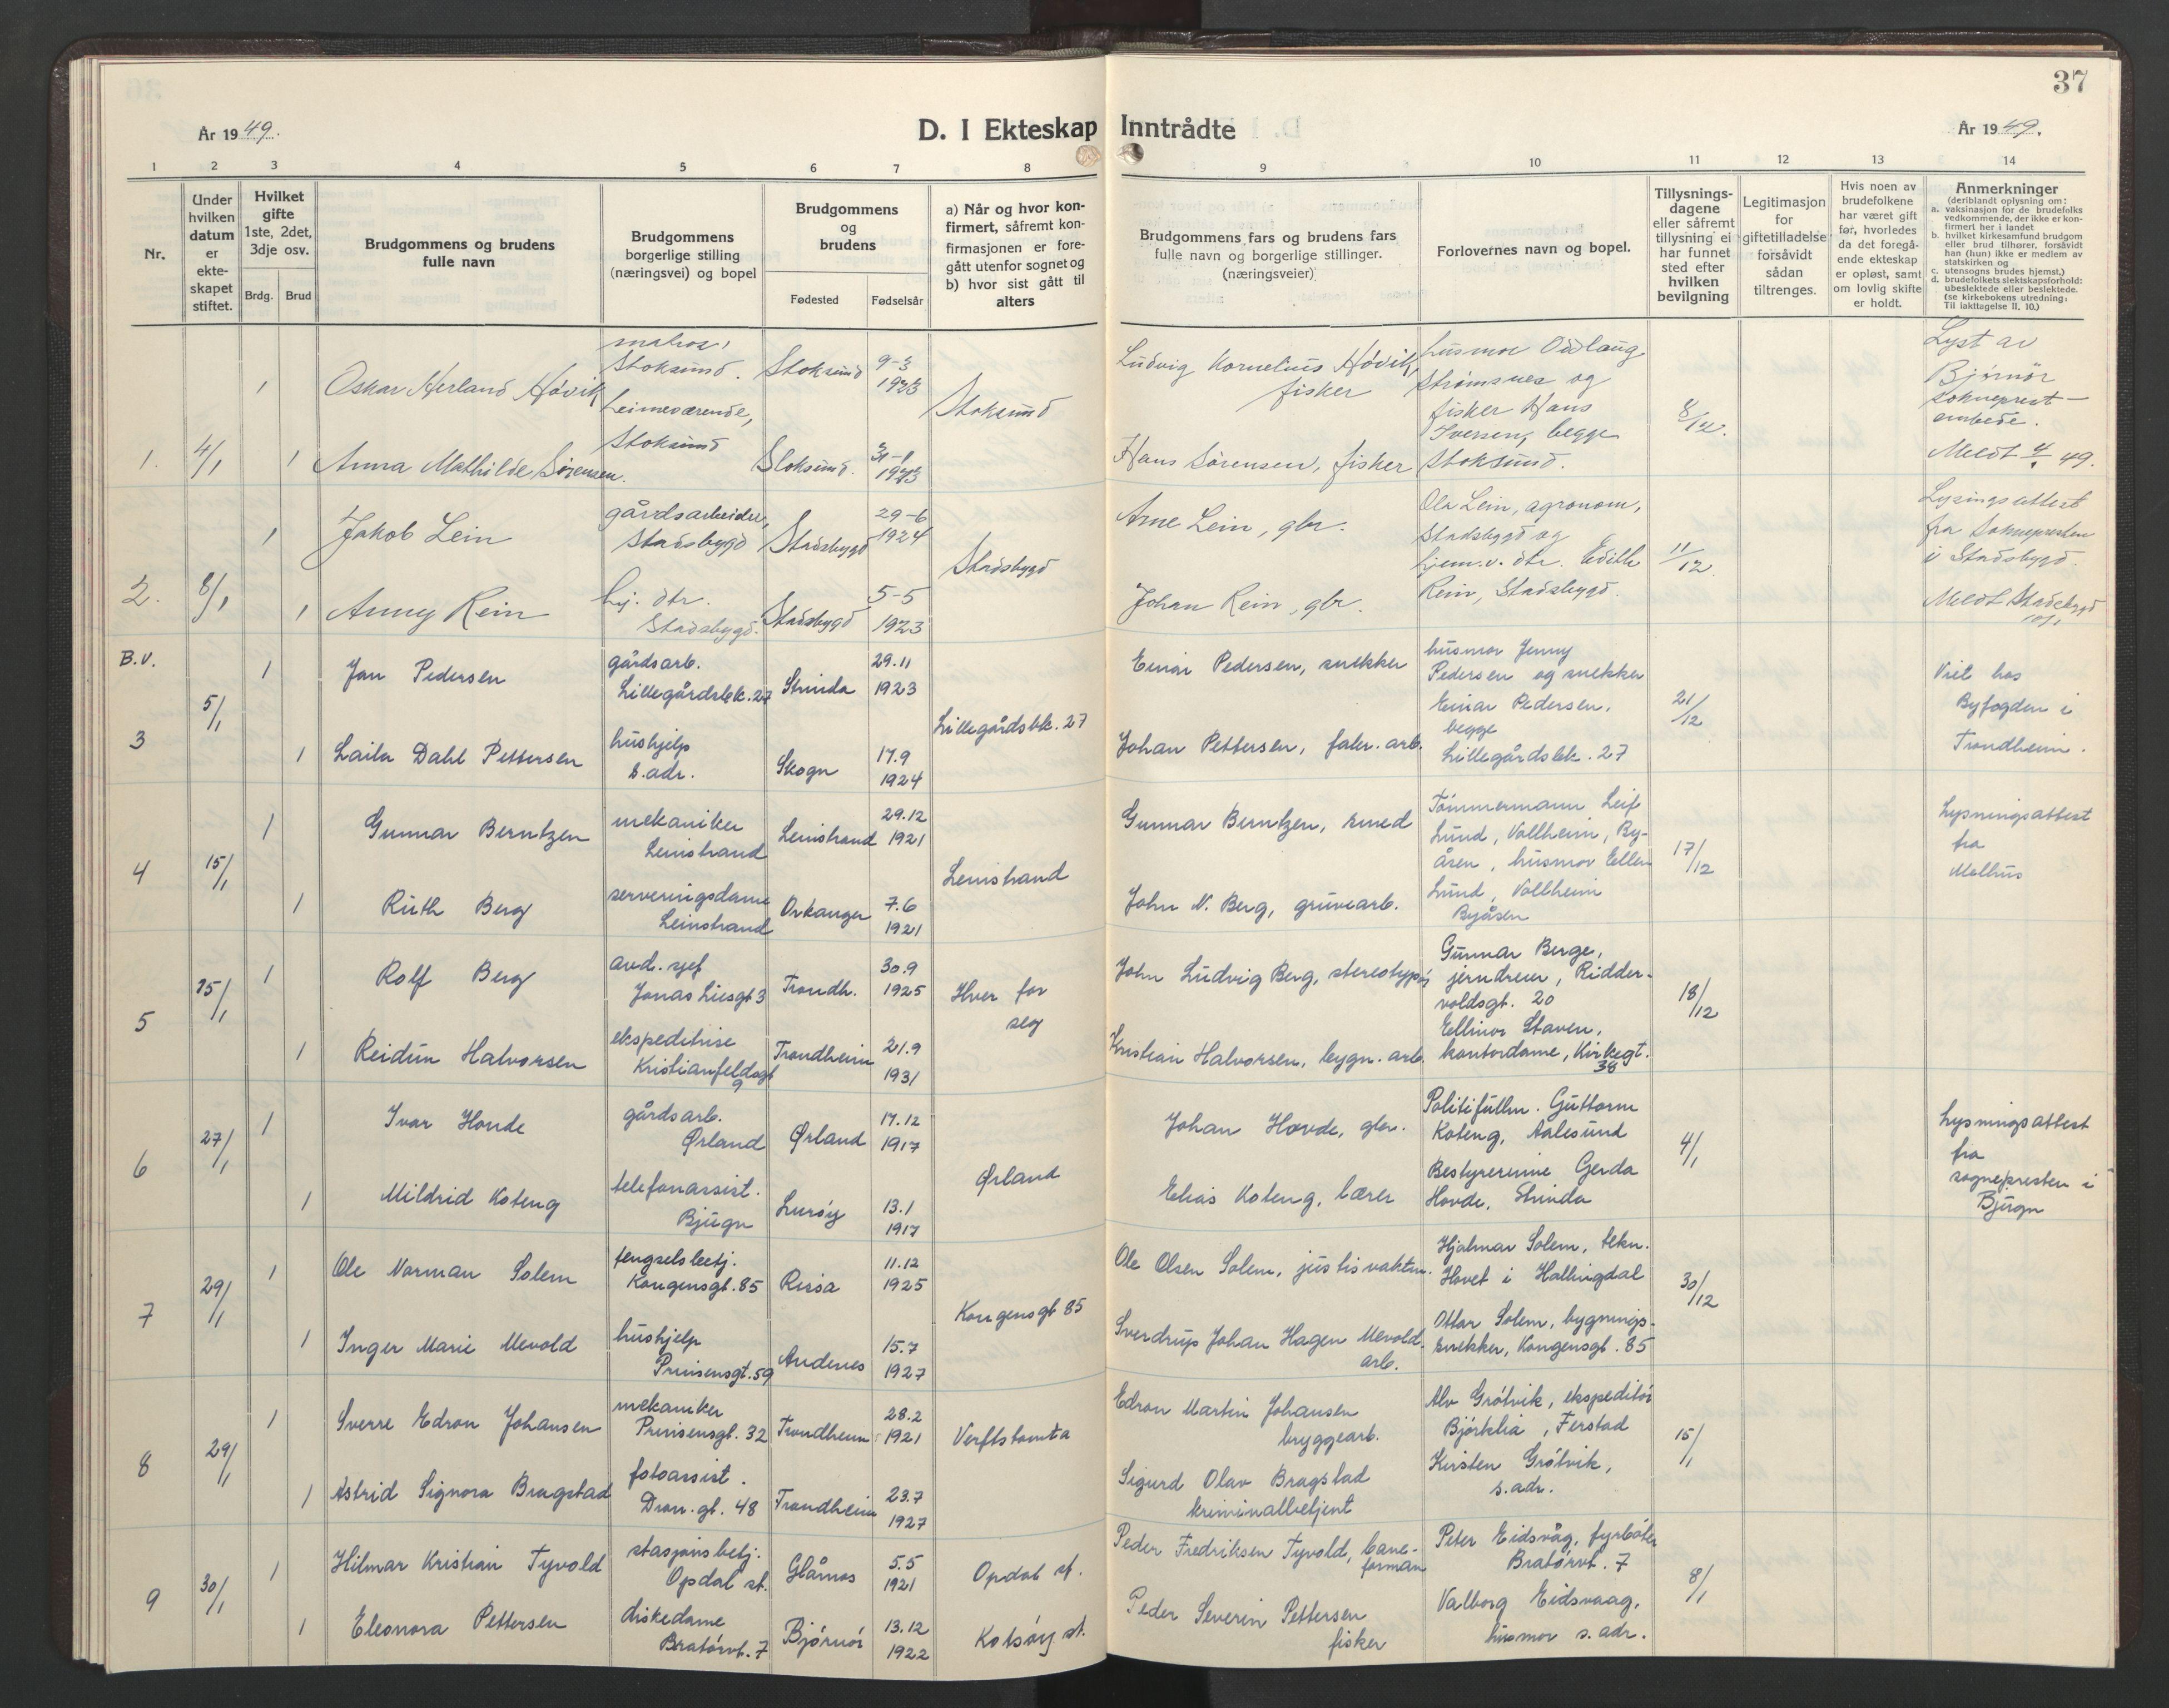 SAT, Ministerialprotokoller, klokkerbøker og fødselsregistre - Sør-Trøndelag, 602/L0155: Klokkerbok nr. 602C23, 1947-1950, s. 37